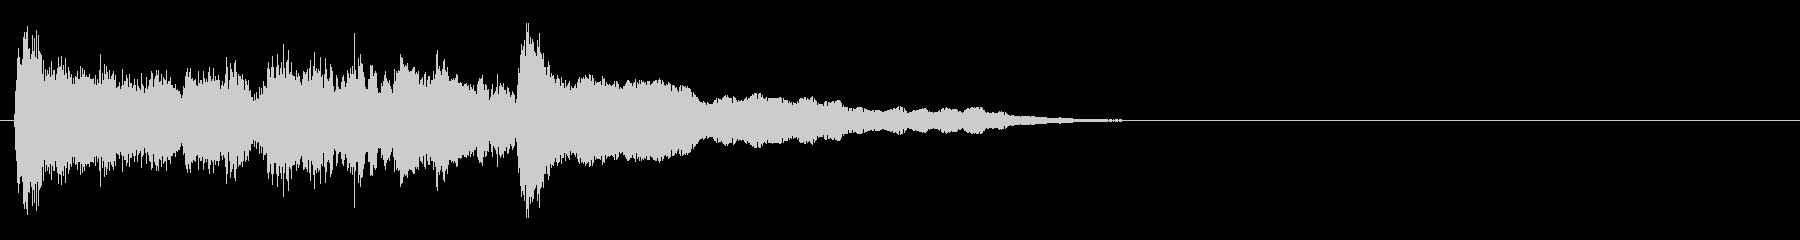 ジングル@エスニック:ガムラン#2の未再生の波形